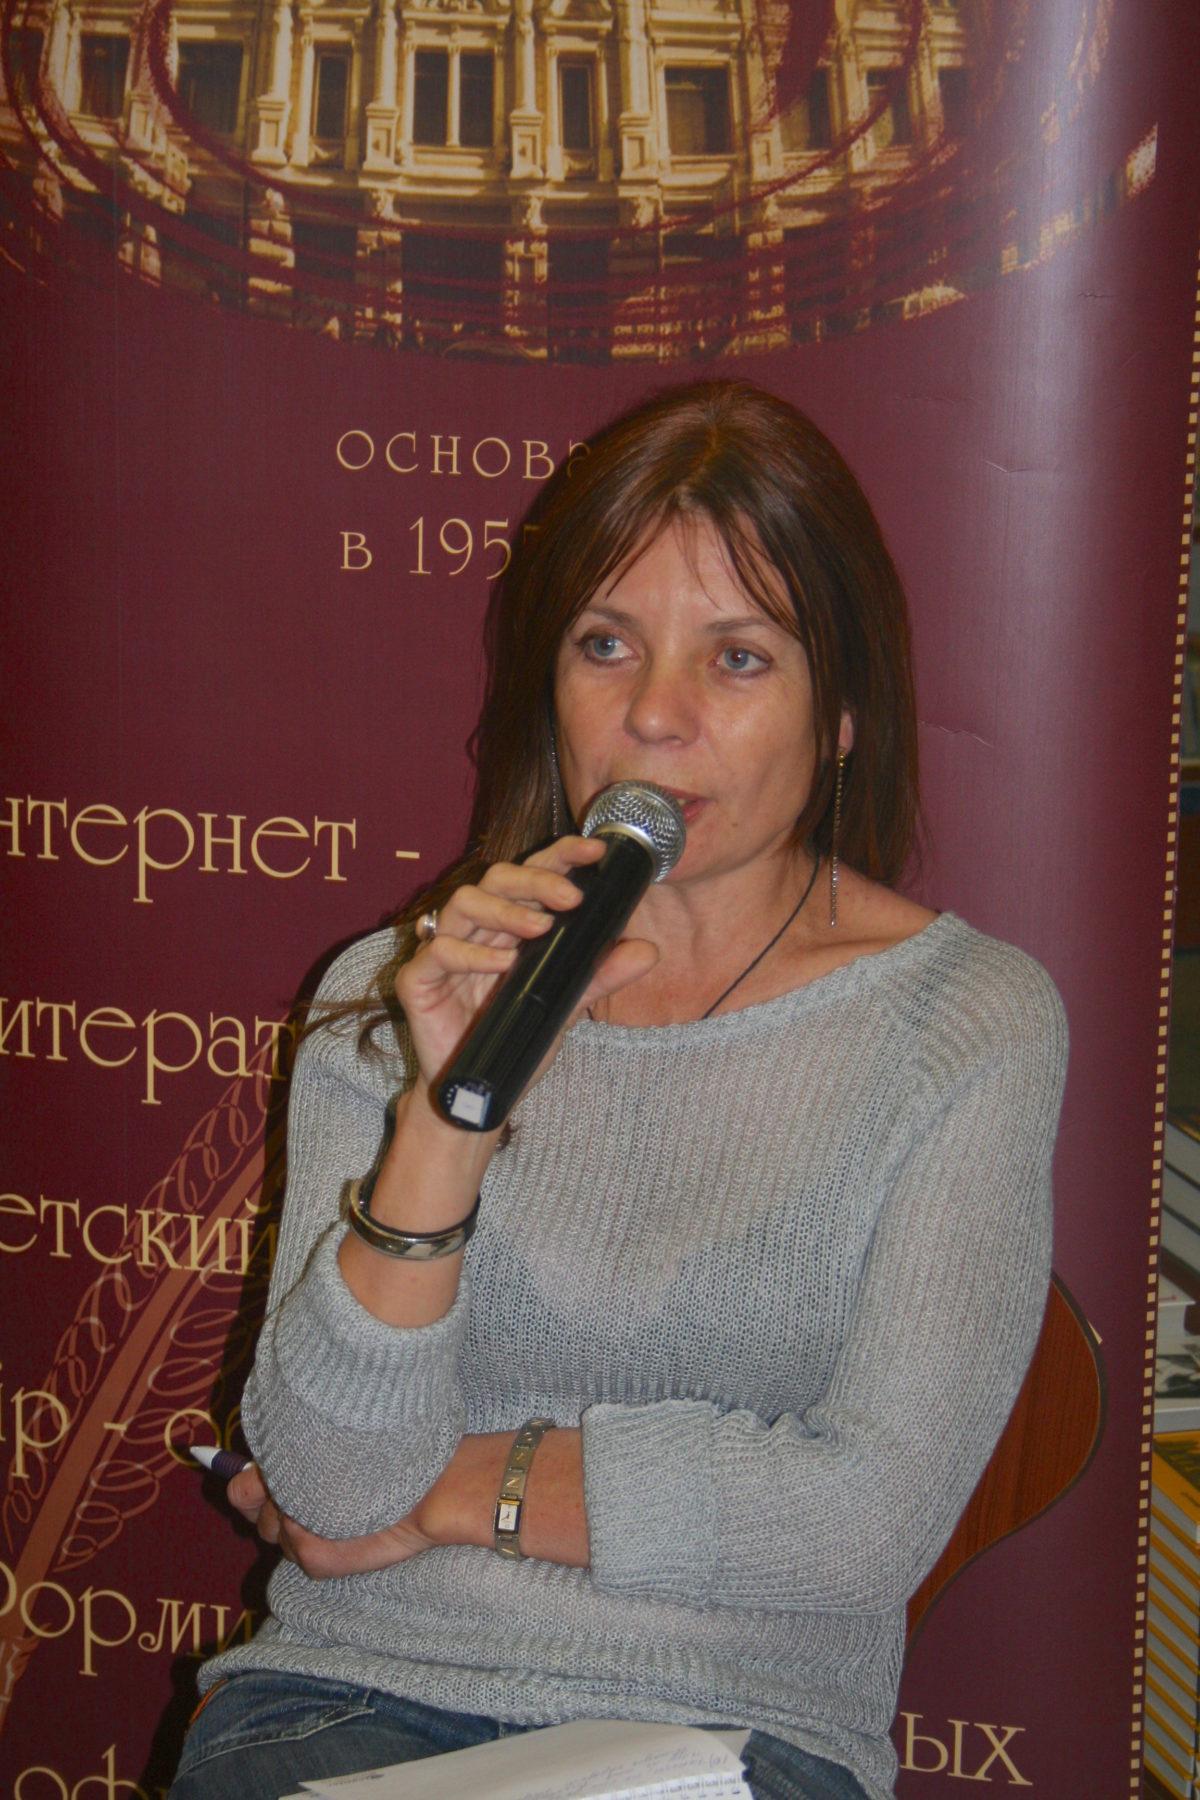 Lena Faber's book-presentation